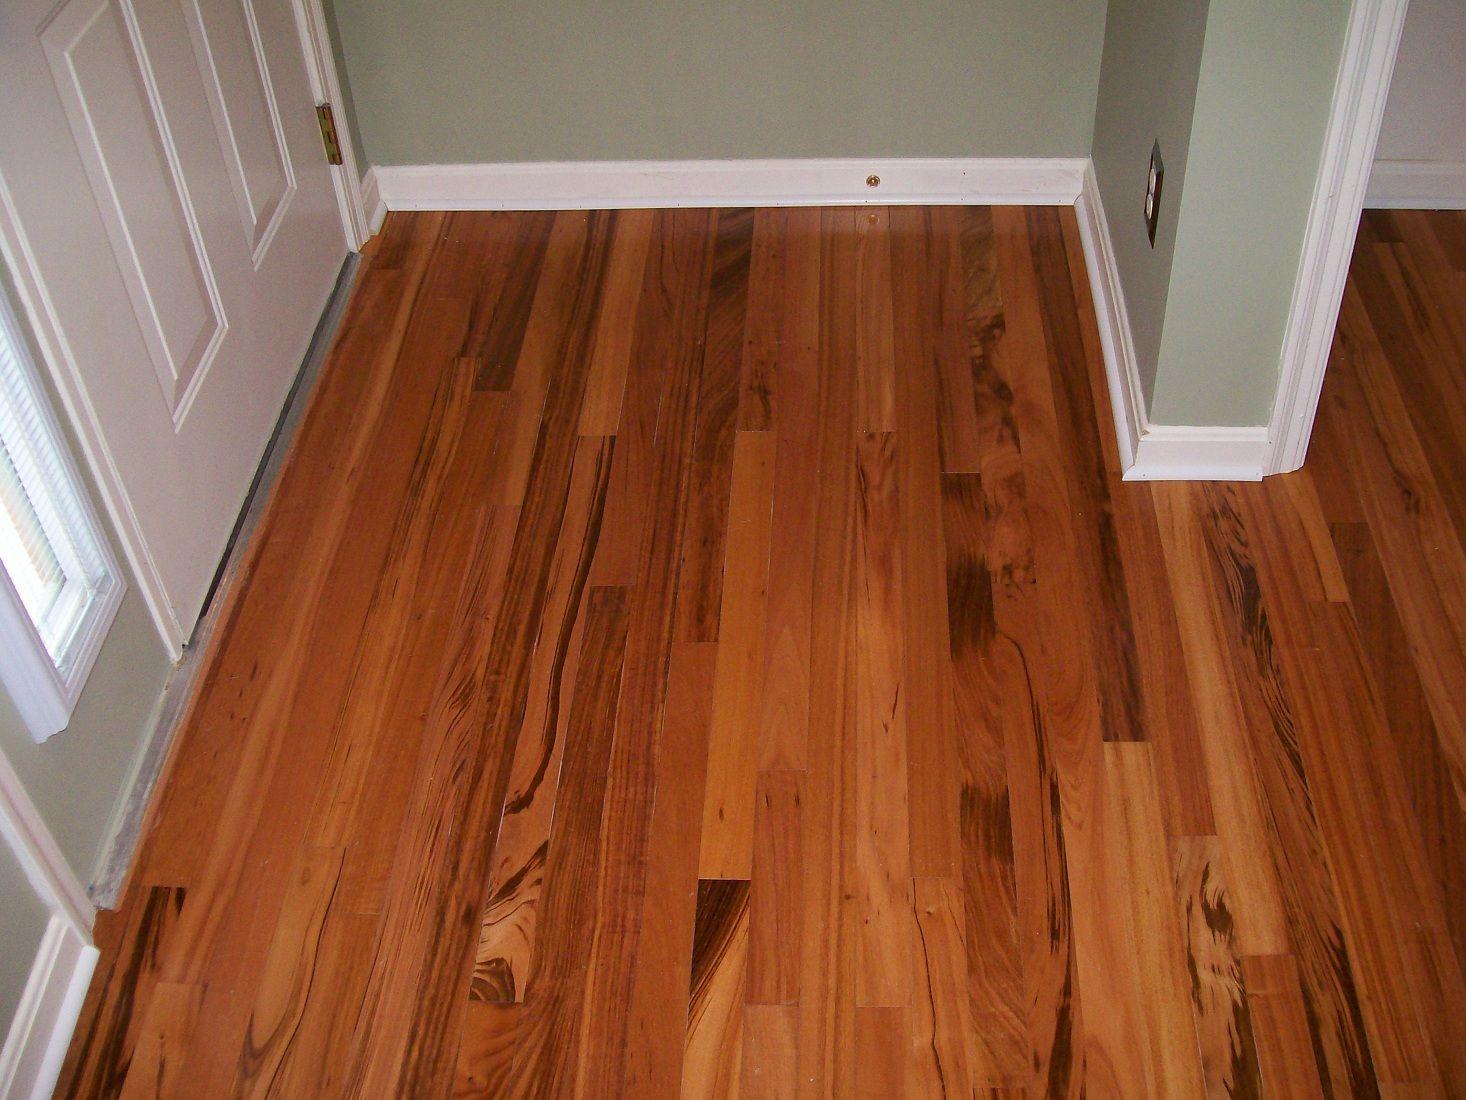 laying laminate flooring around bottom stairs